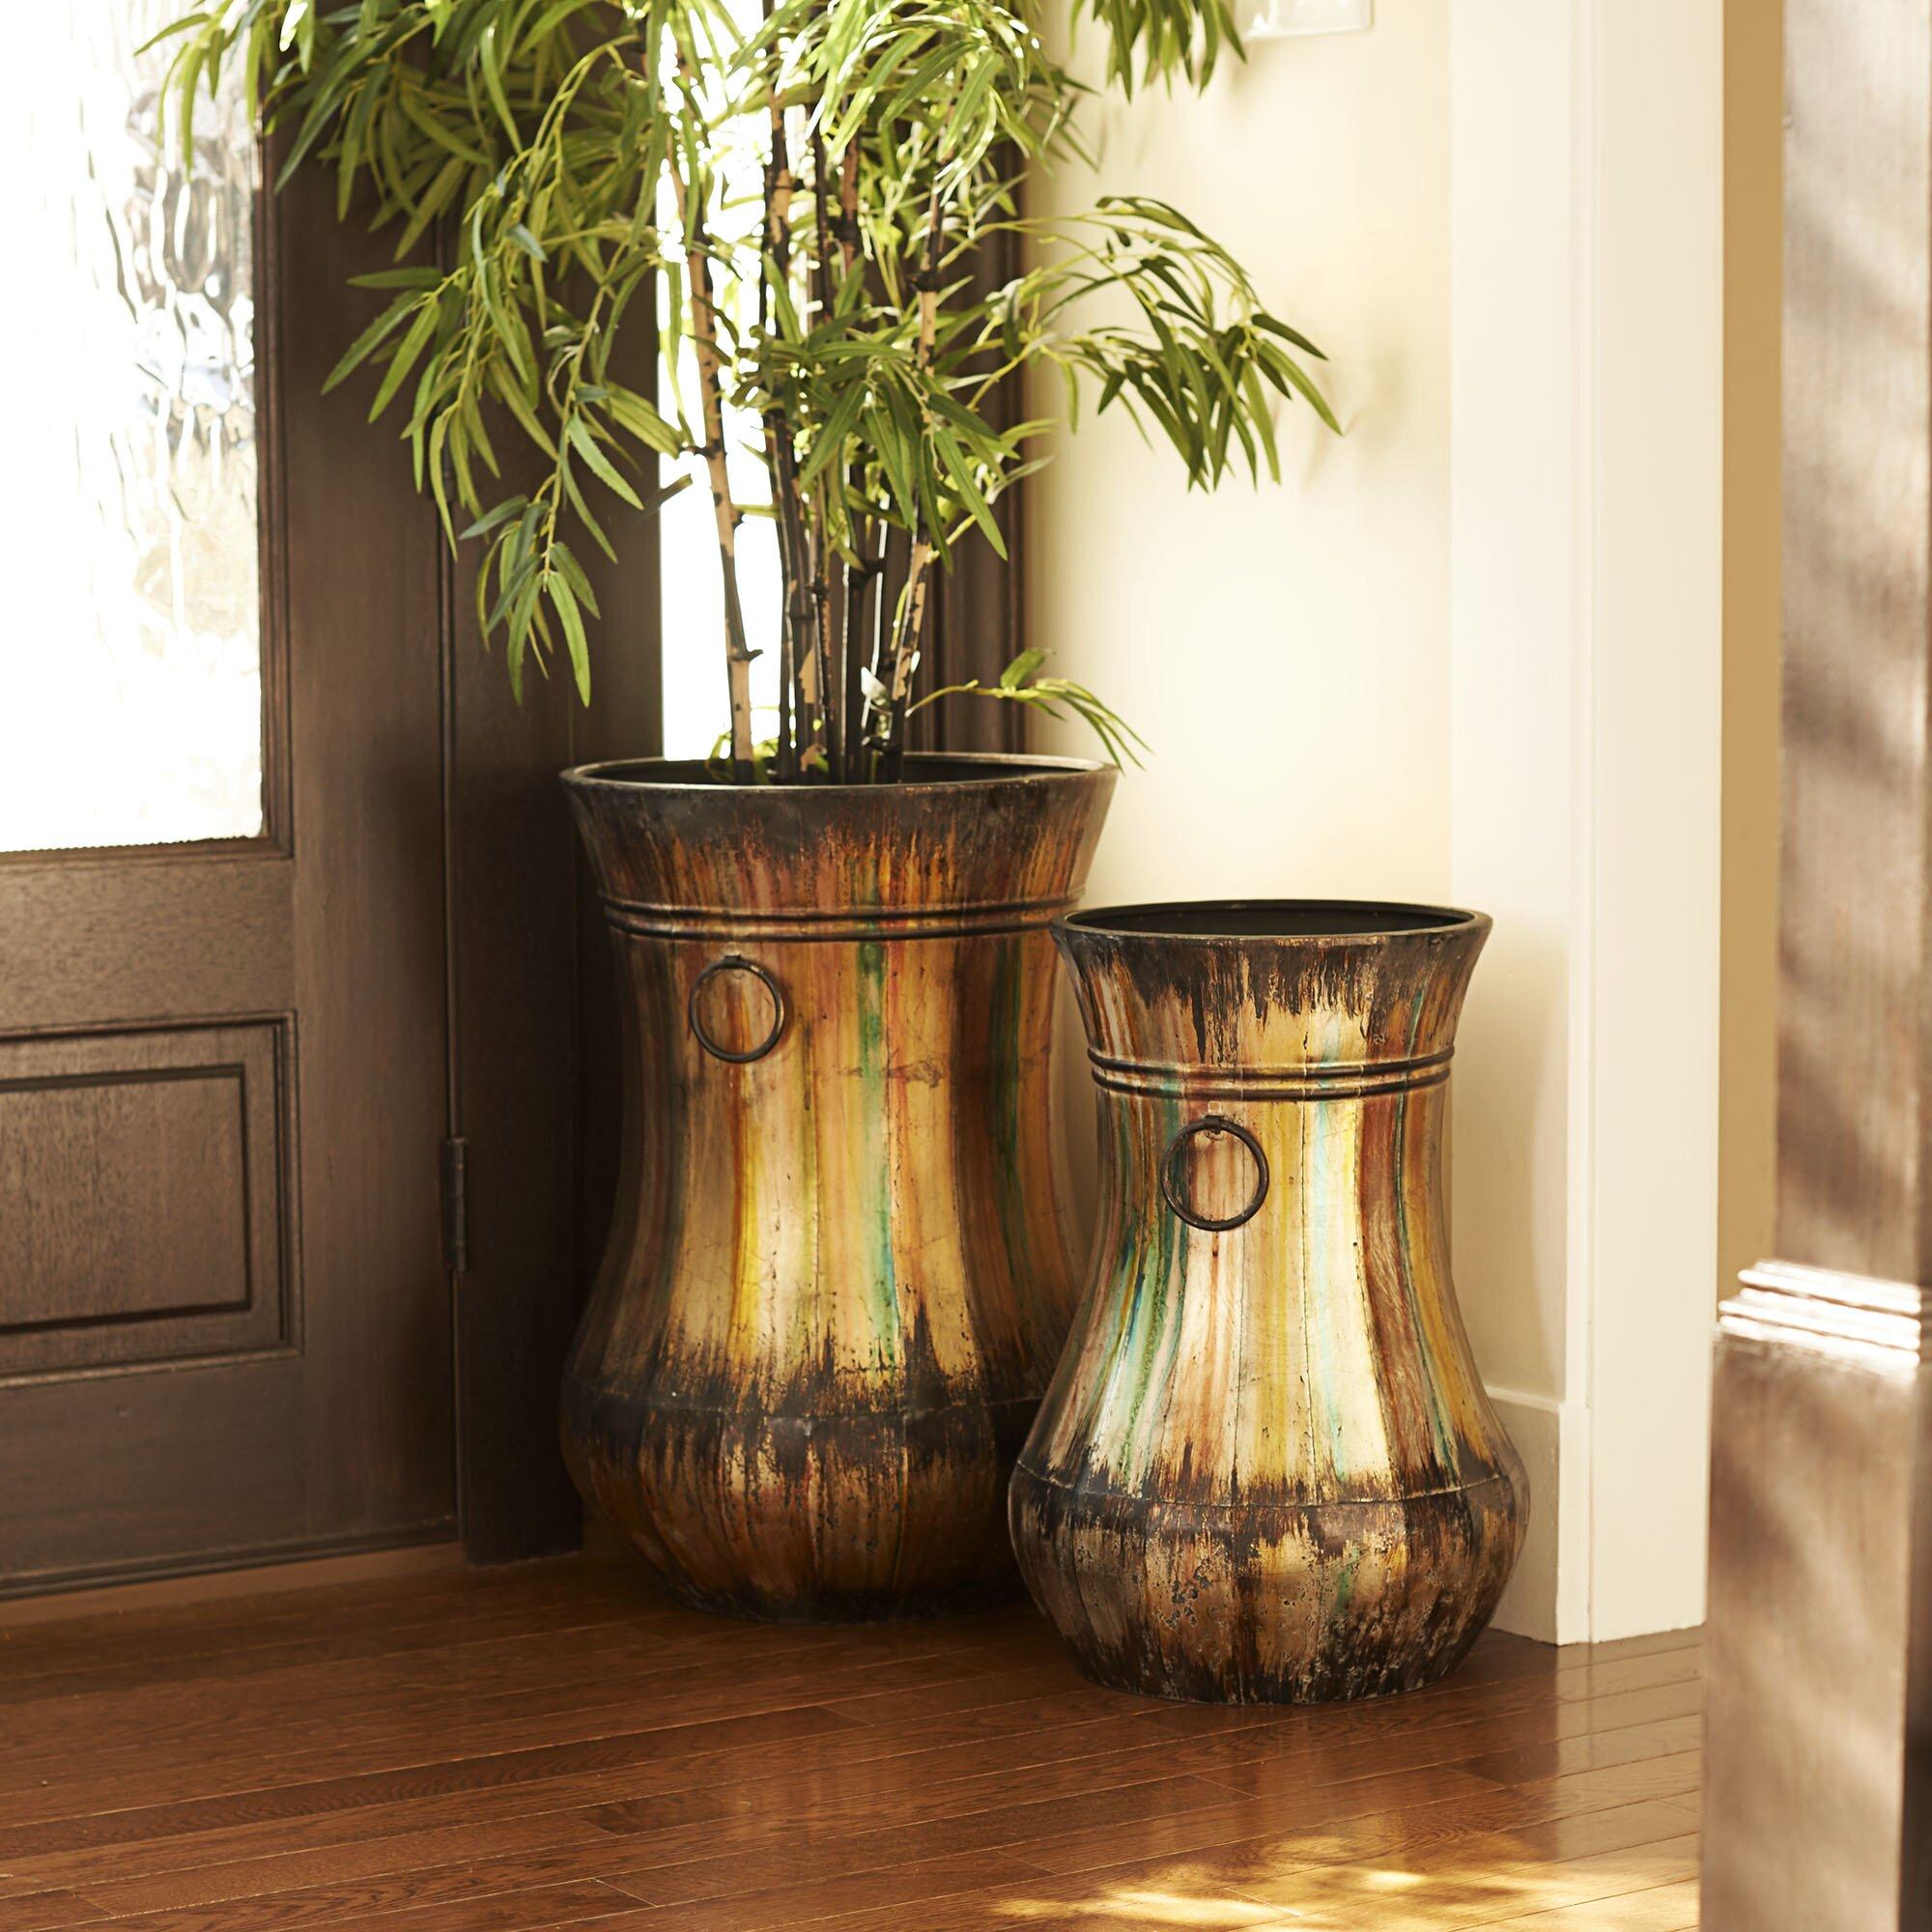 Warren Hand-Painted Floor Vase & Reviews